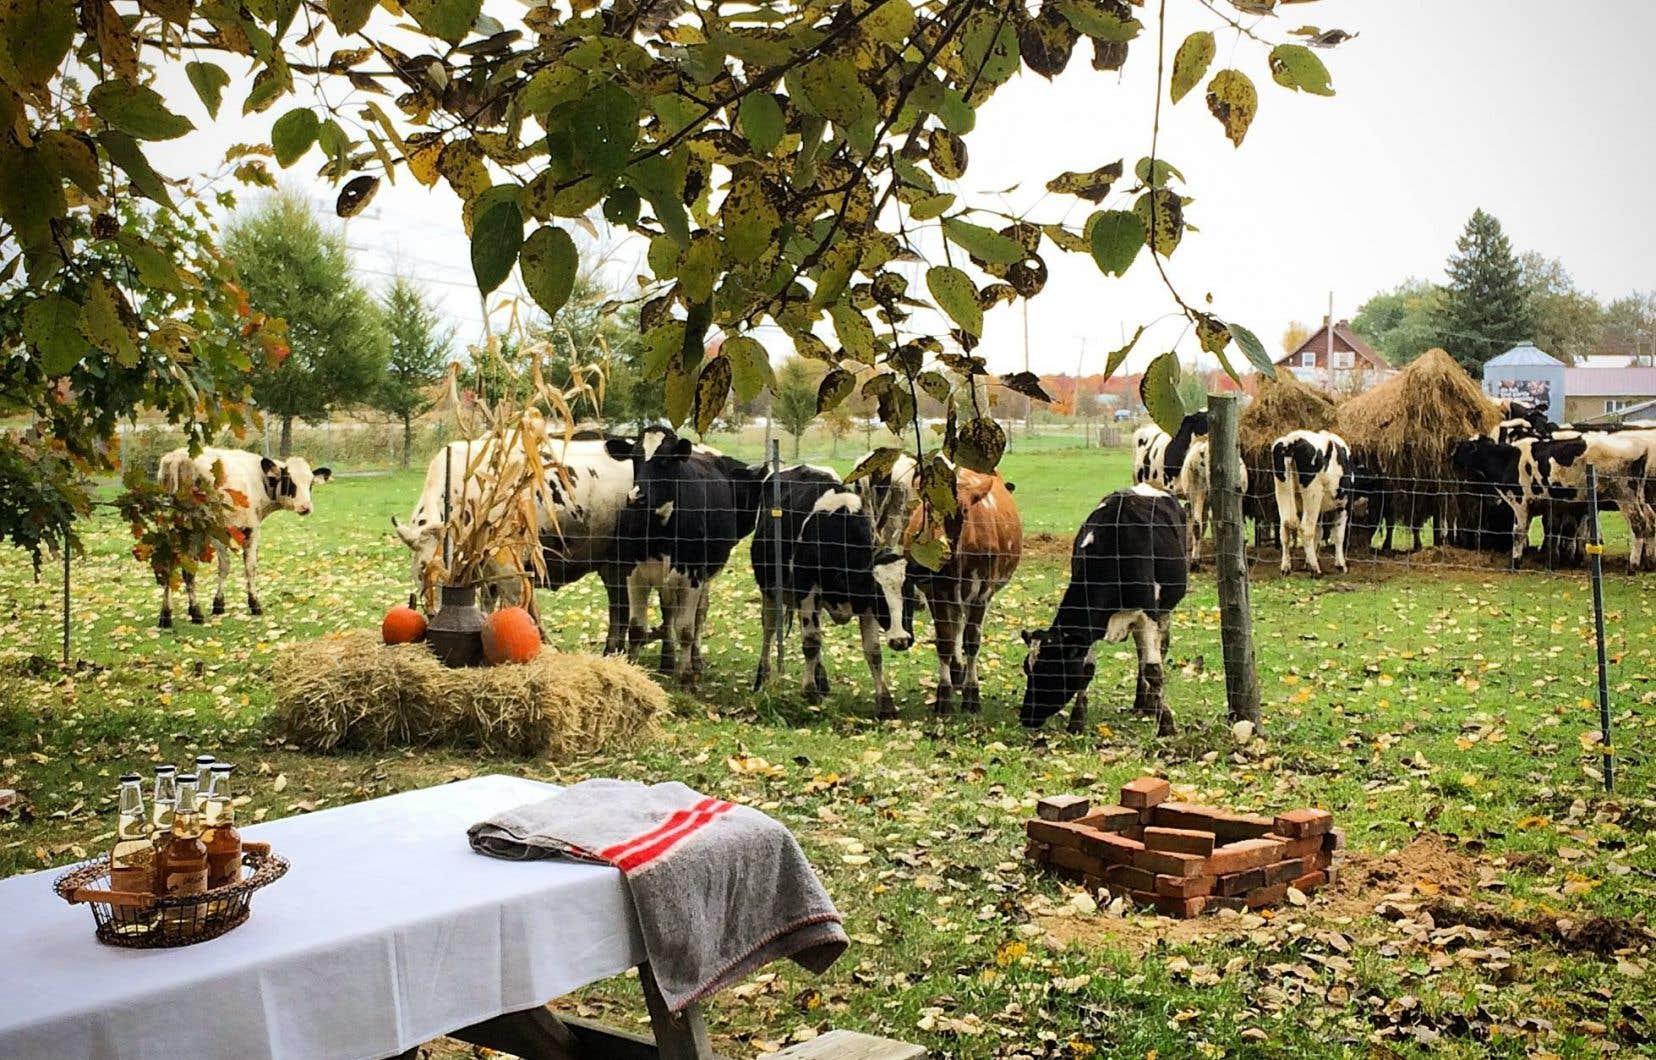 L'agrotourisme permet de reconnecter avec l'origine des aliments, de reconstruire une proximité physique et affective avec l'agriculture.